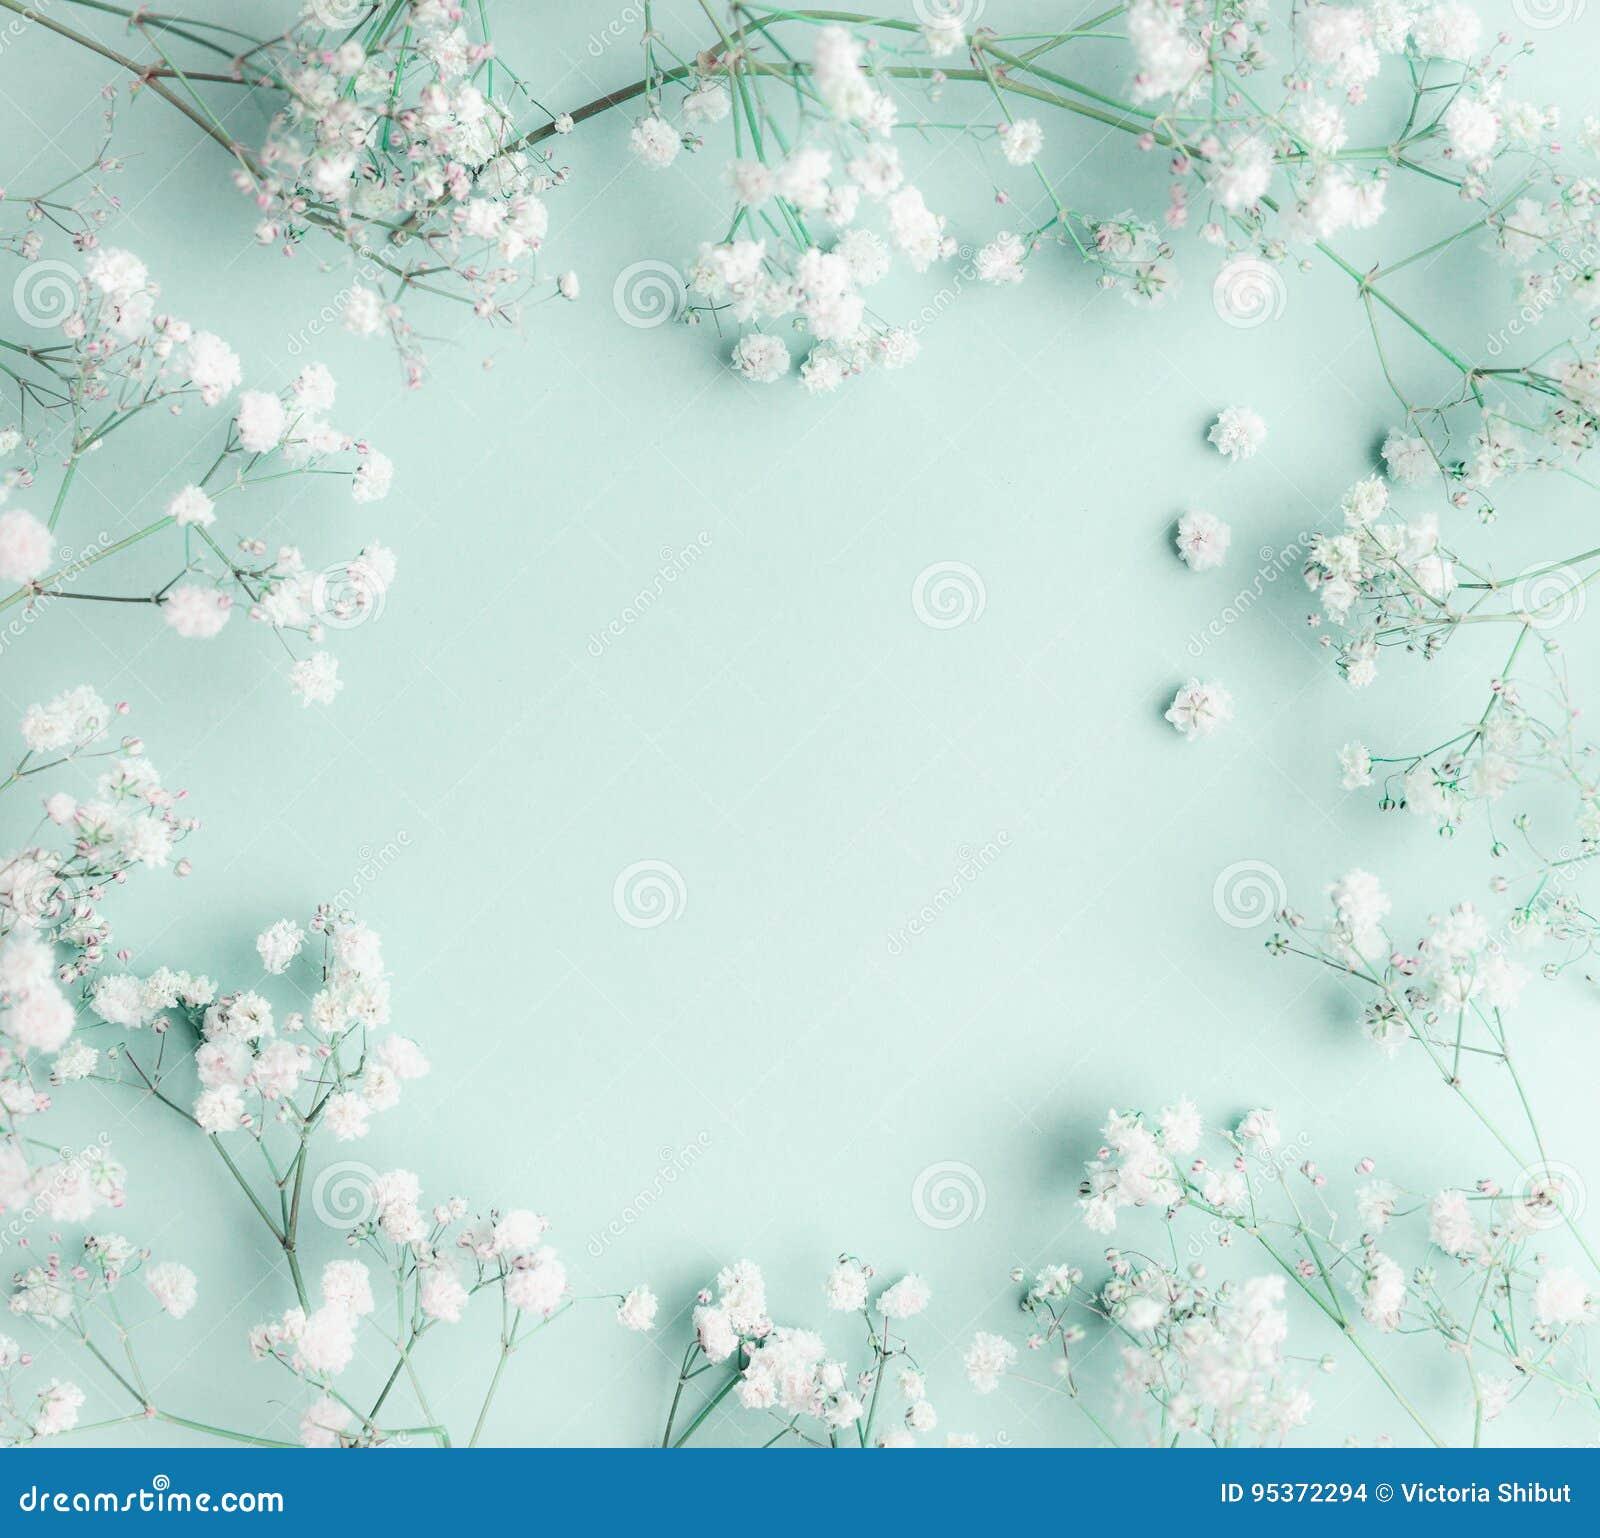 Blumenzusammensetzung mit Licht, luftige Massen von kleinen weißen Blumen auf Türkisblauhintergrund, Draufsicht, Rahmen